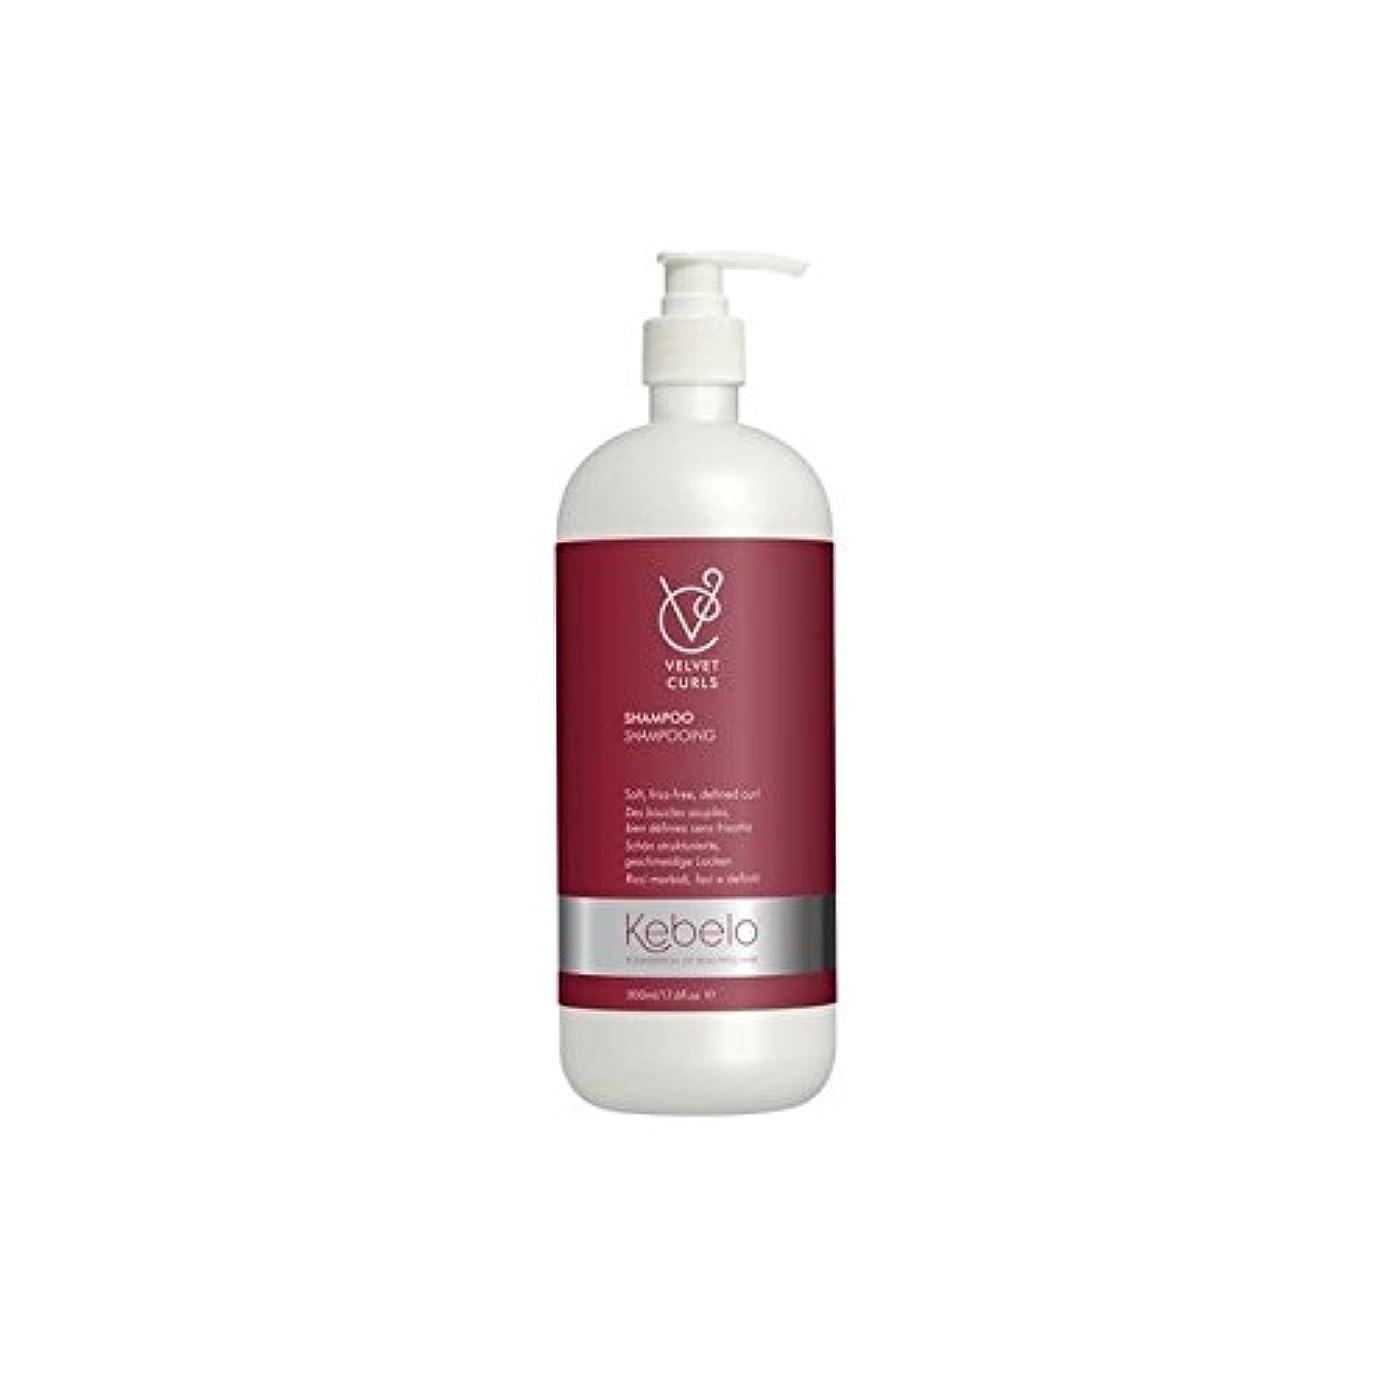 回転するかんがい戦争ベルベットのカールシャンプー(500ミリリットル) x4 - Kebelo Velvet Curls Shampoo (500ml) (Pack of 4) [並行輸入品]